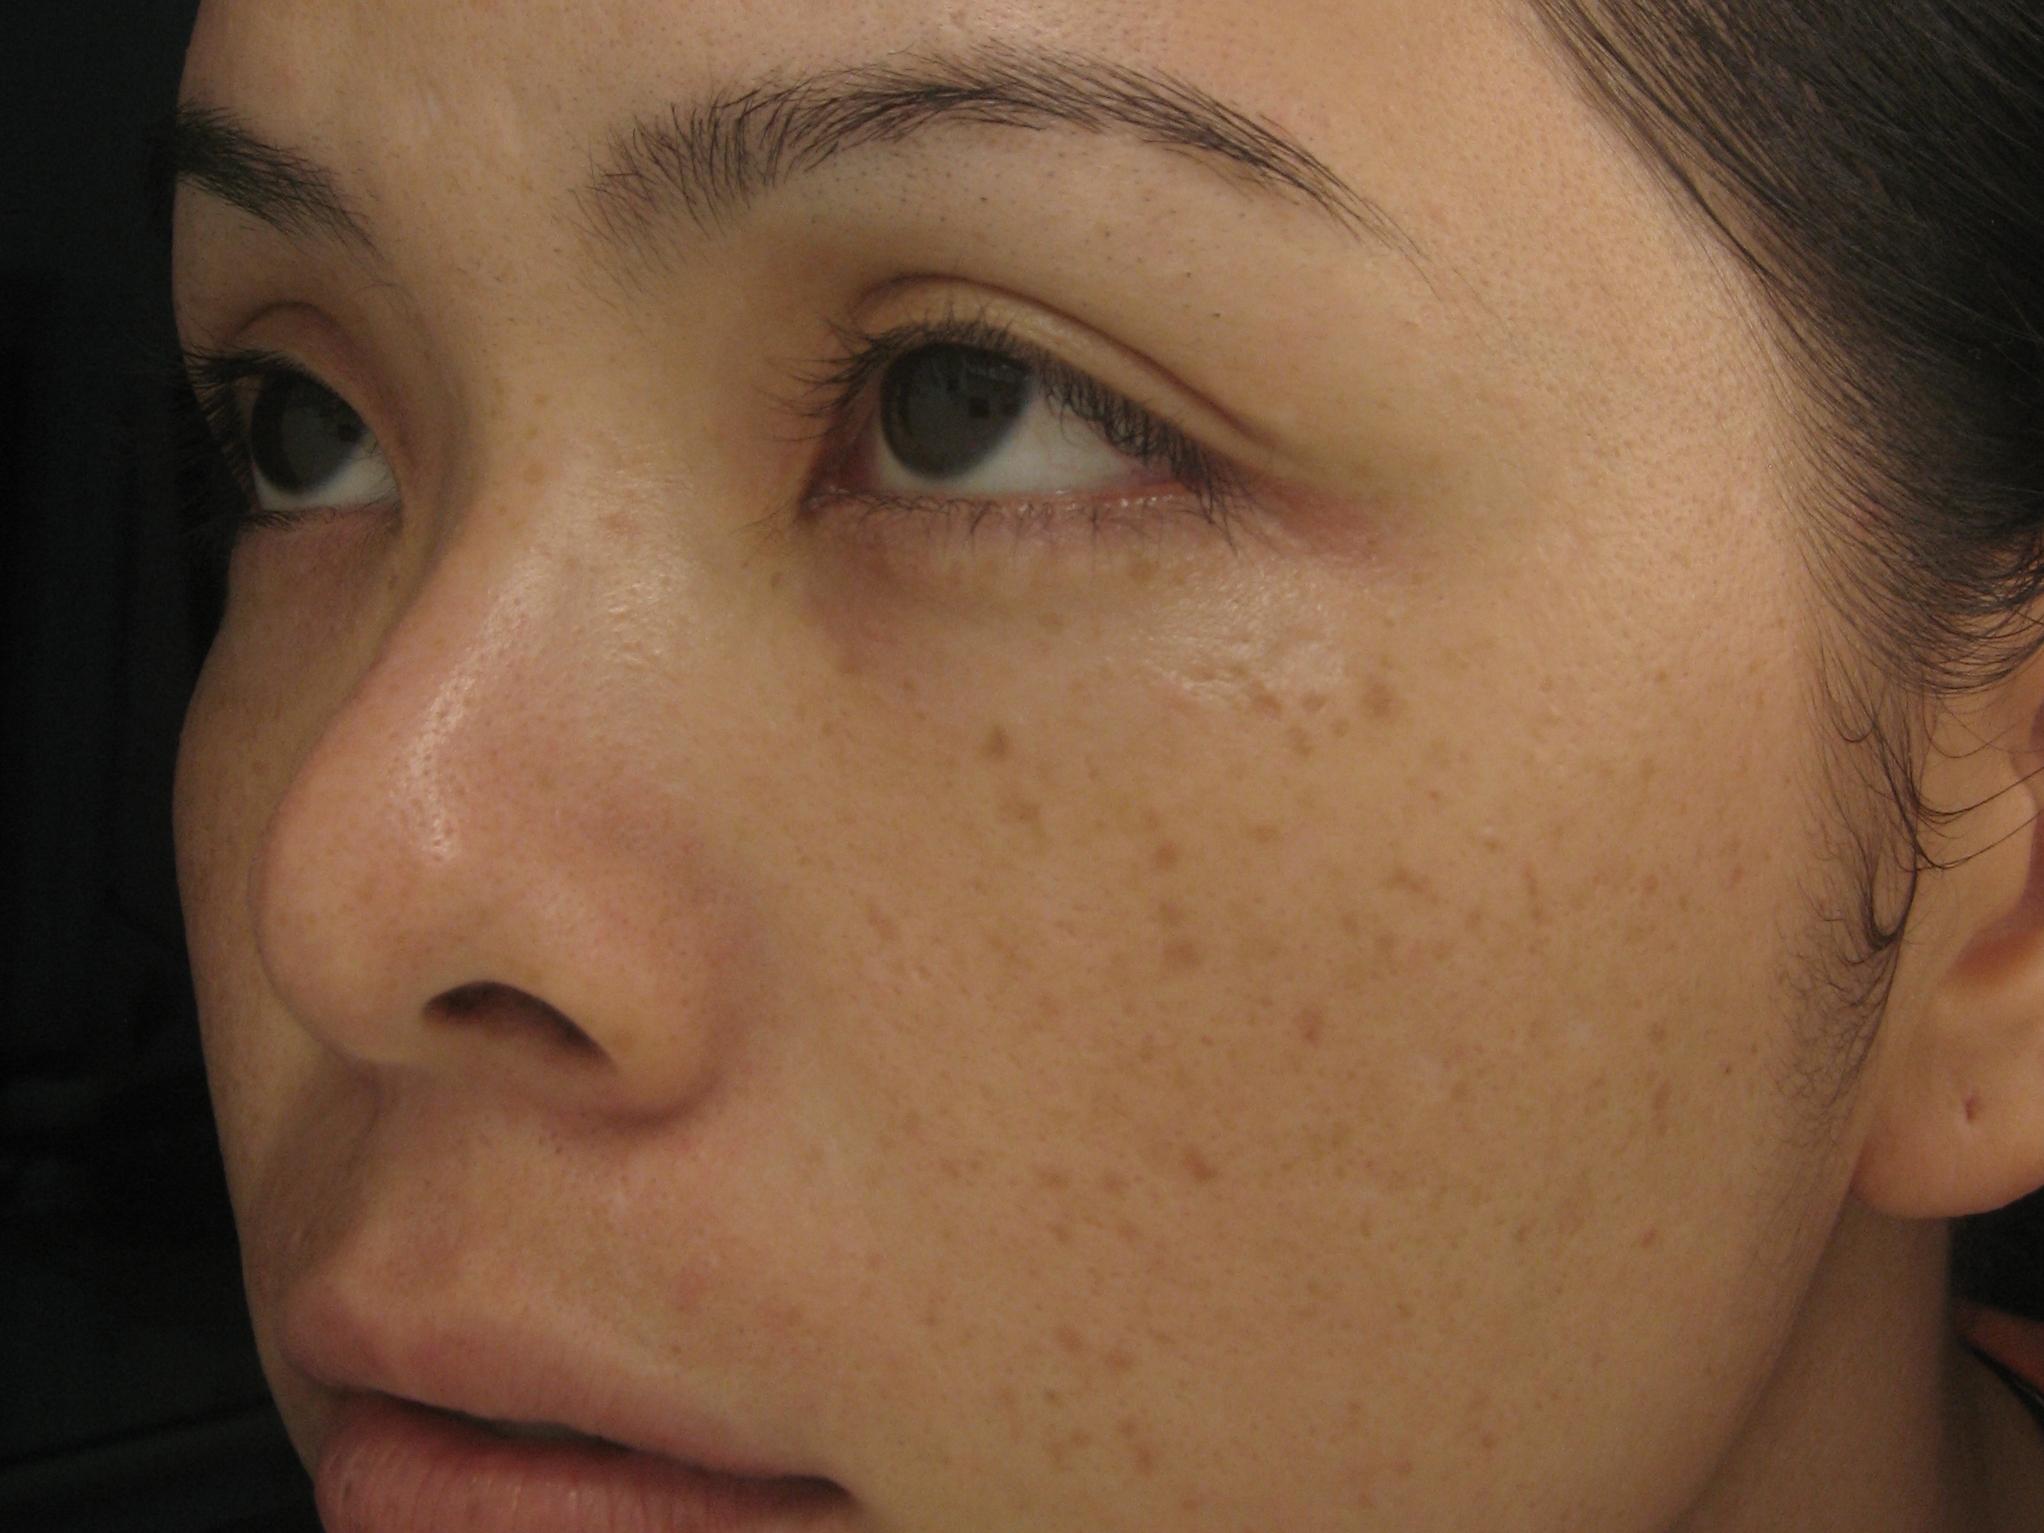 Những lưu ý khi điều trị tàn nhang trên mặt bạn cần biết1